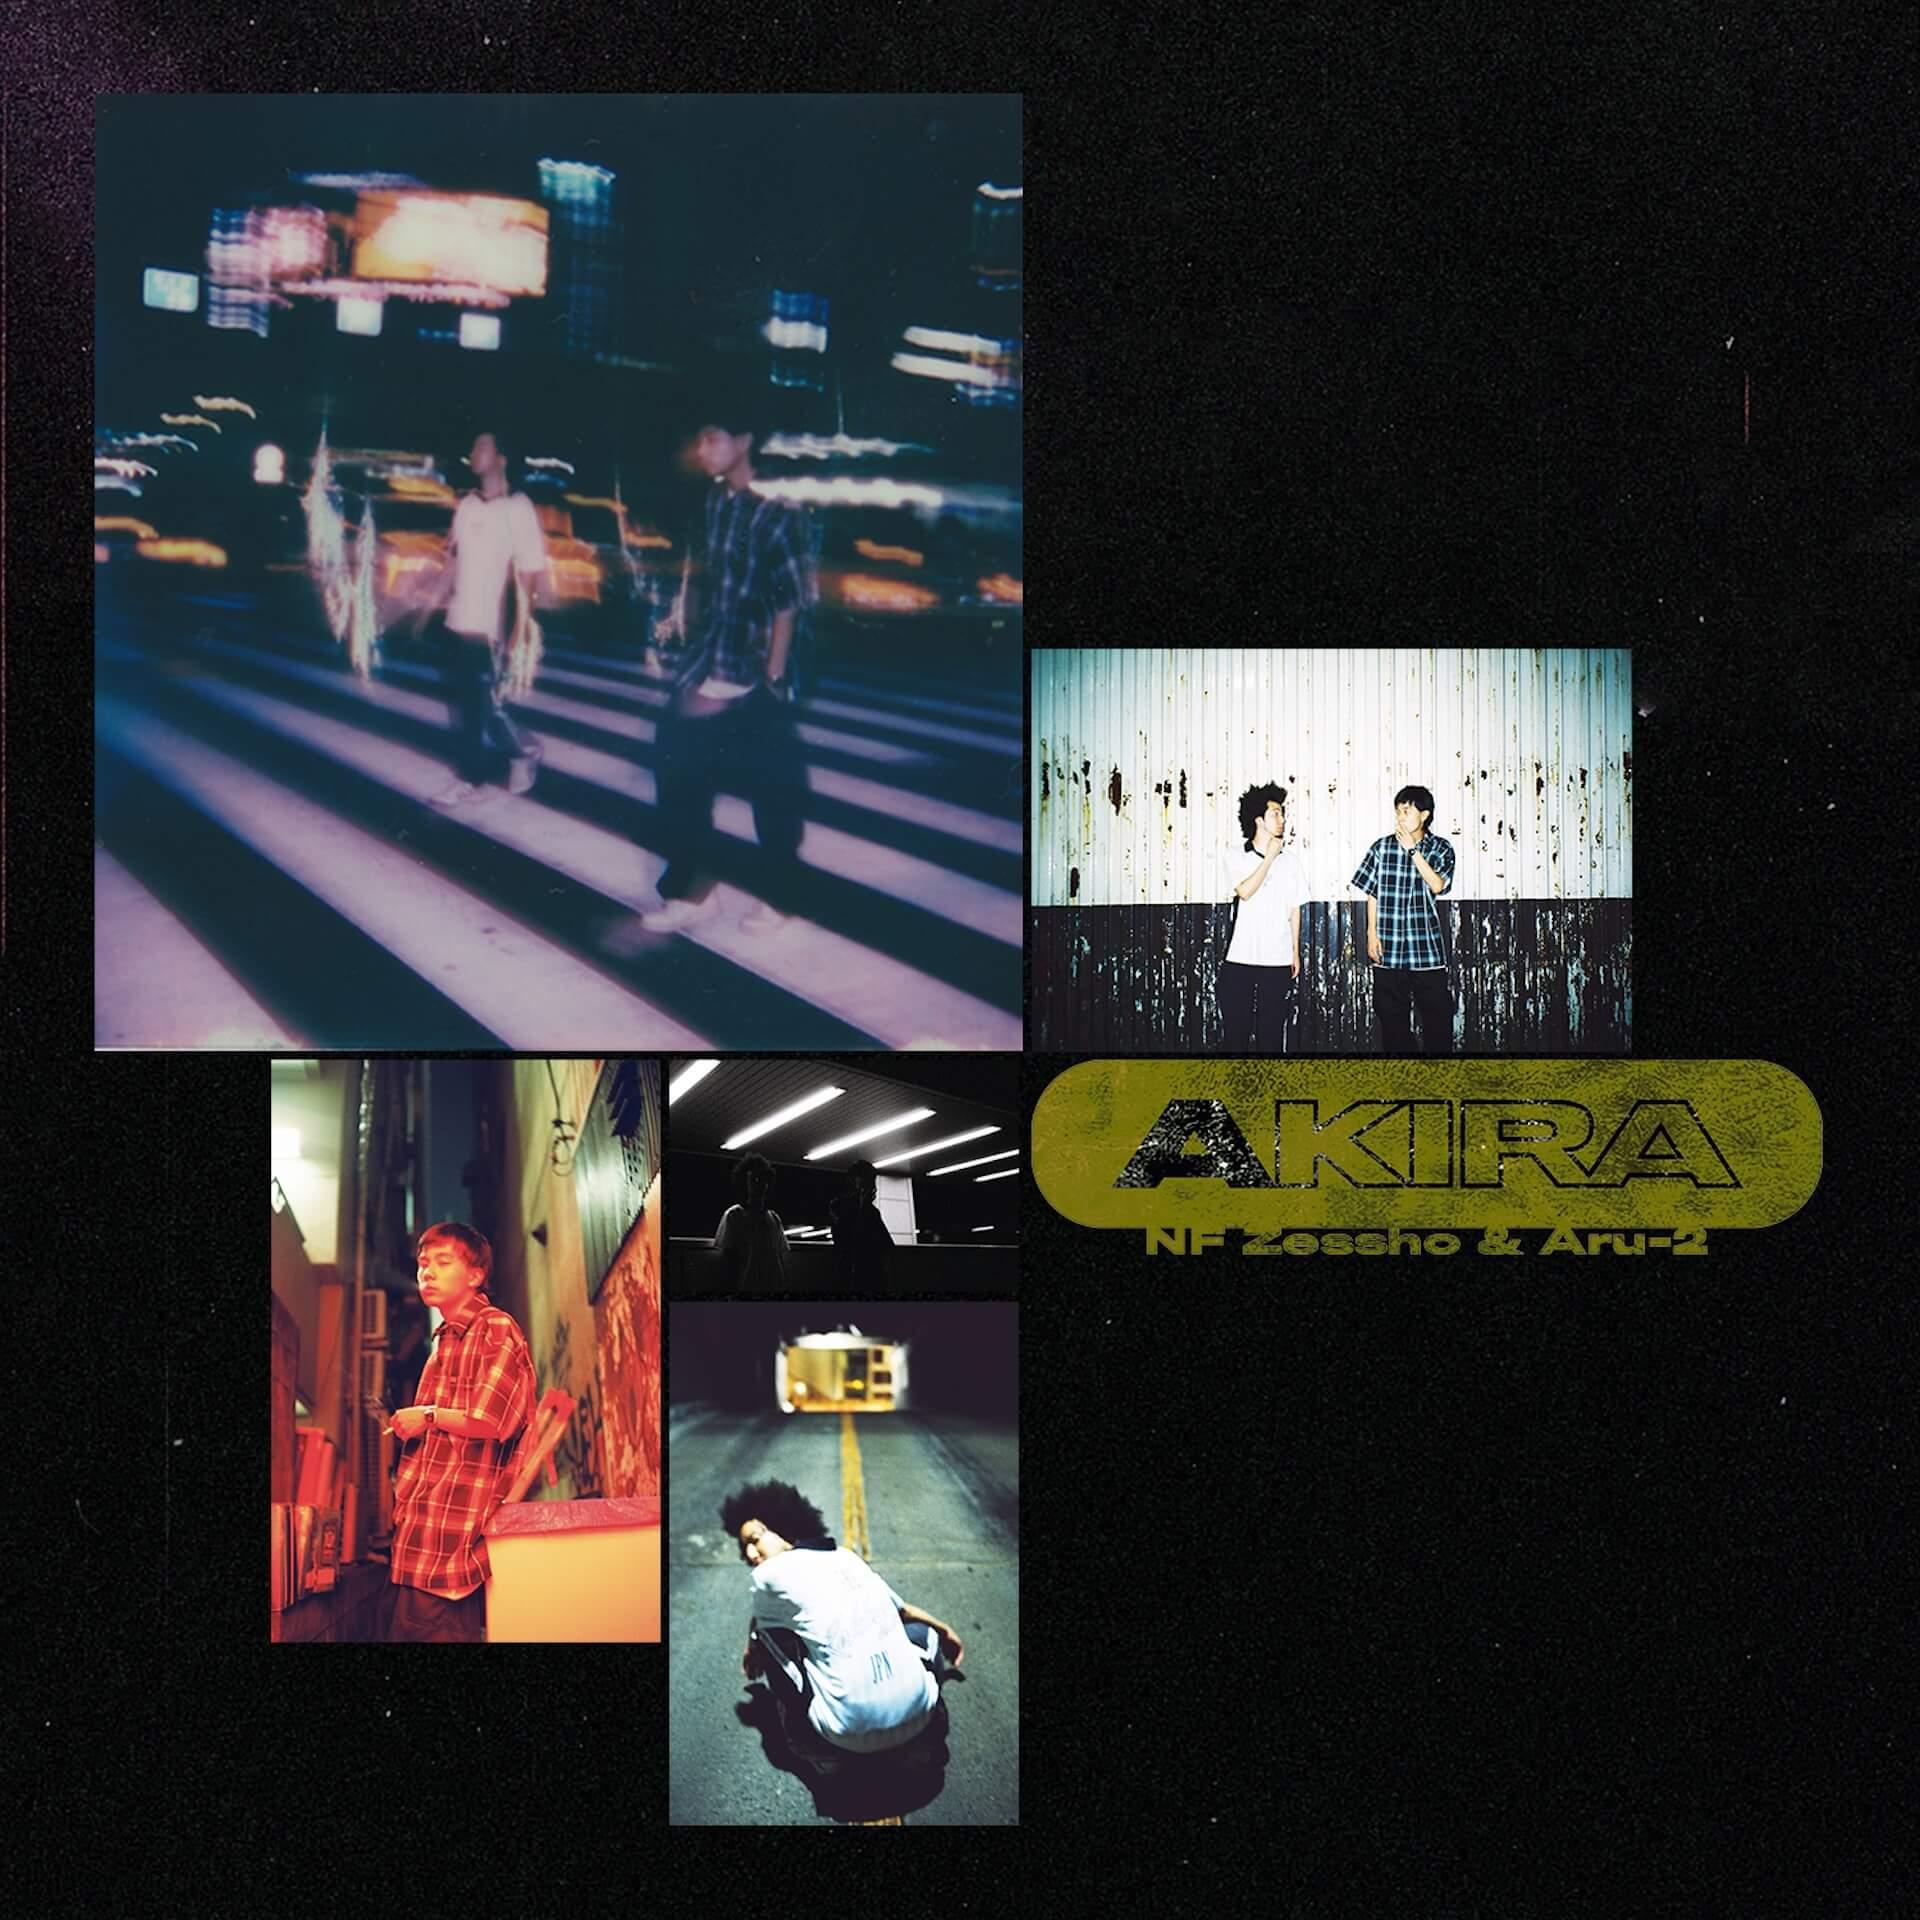 Aru-2とNF Zesshoのコラボアルバム『AKIRA』のインスト・アルバムが配信決定!中野heavysick ZEROでのライブ出演も music200123_akira_2